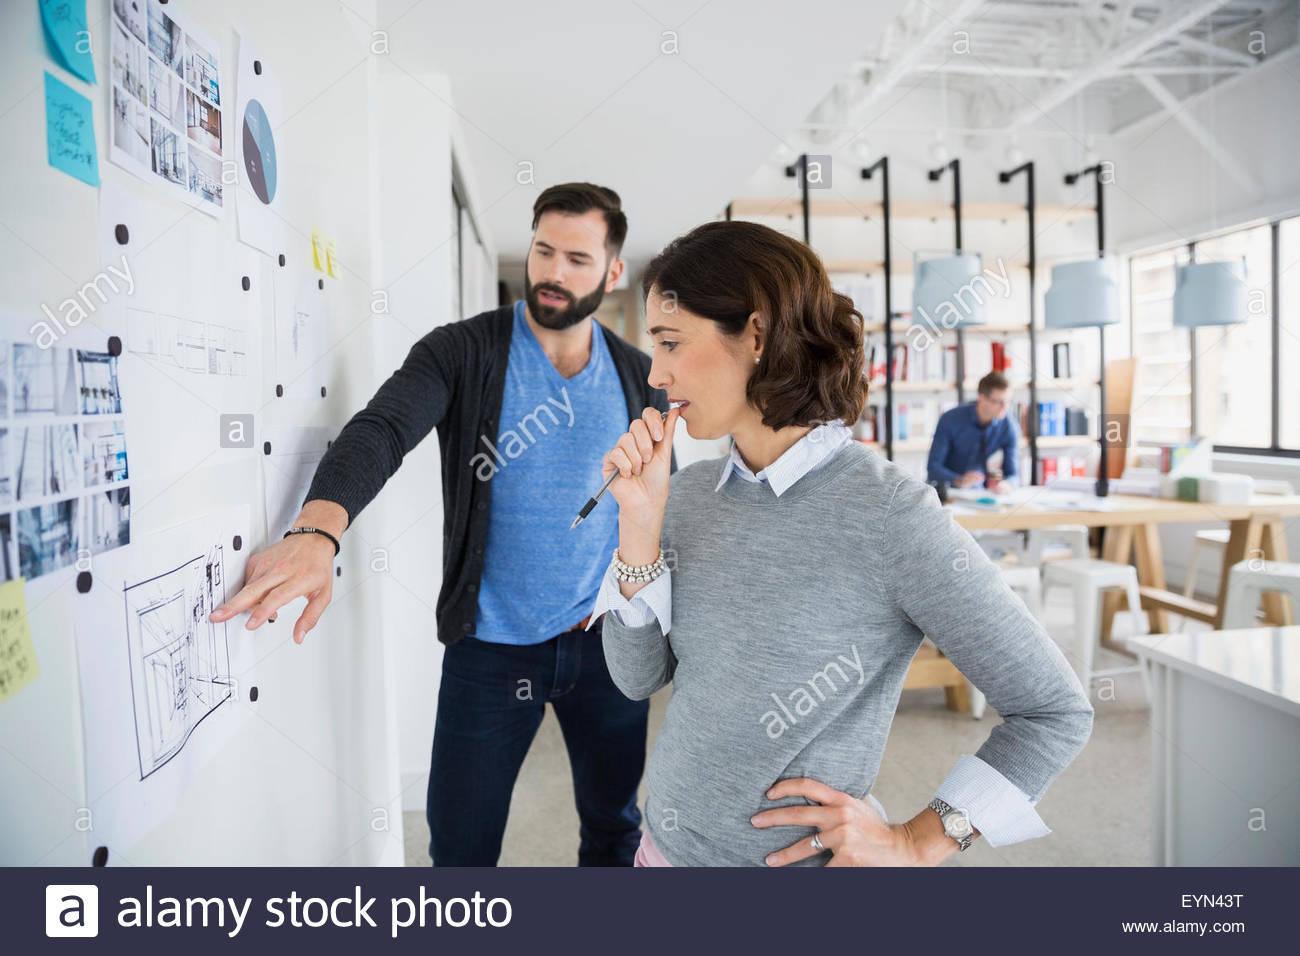 Architekten zu treffen und diskutieren Baupläne im Büro Stockbild